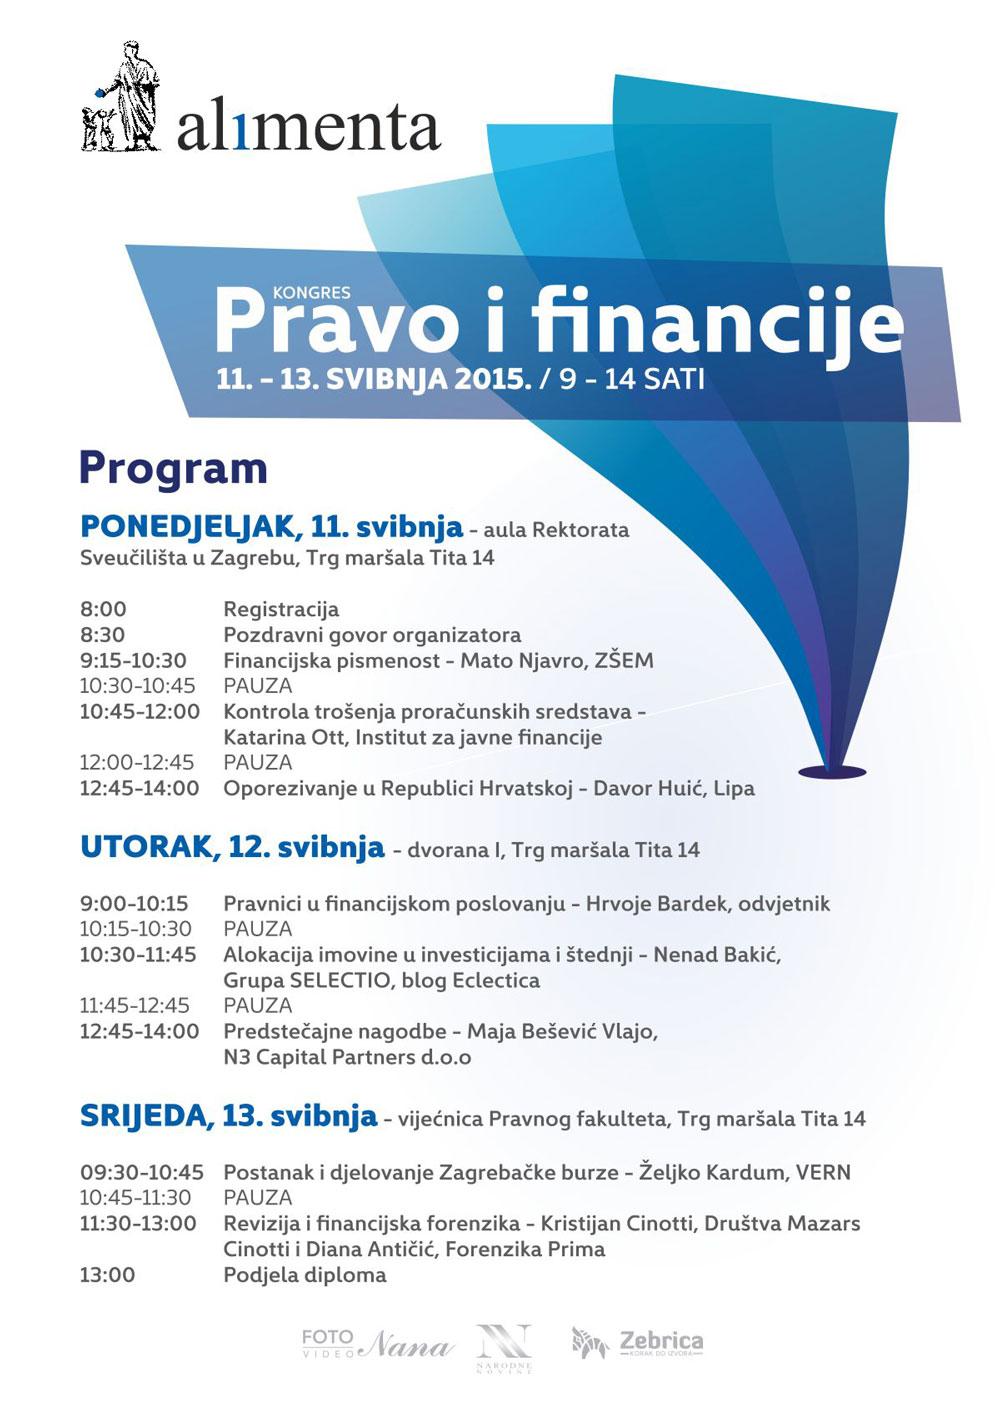 alimenta_pravo_financije_kongres